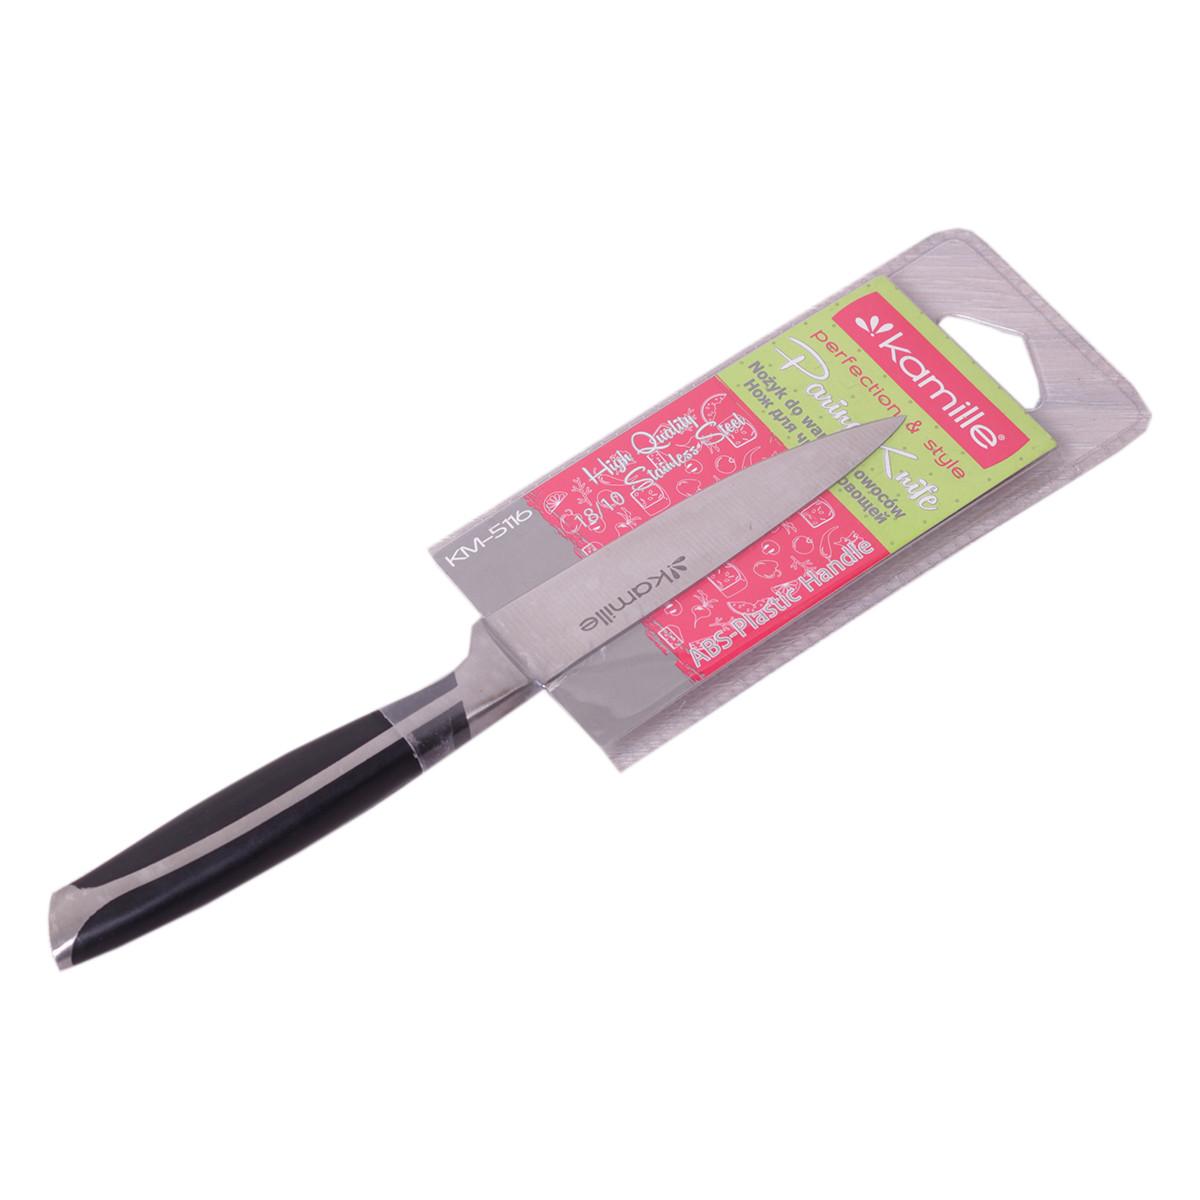 Ніж кухонний Kamille для чищення овочів з ручкою з ABS-пластика KM-5116